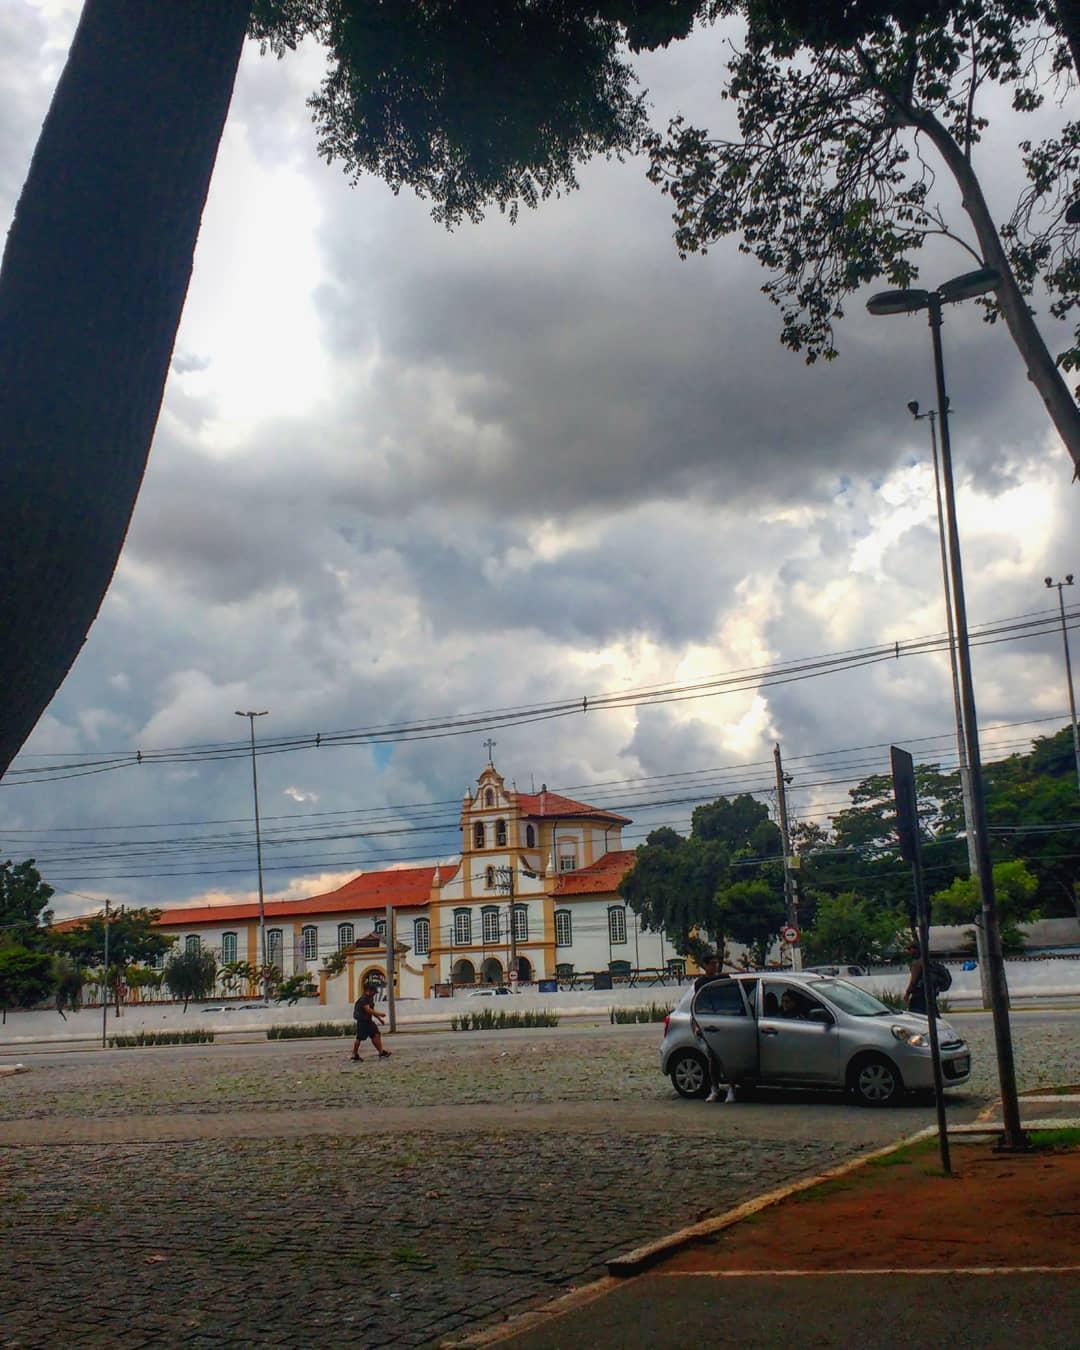 Prêmio TecMundo - Micaela Silva